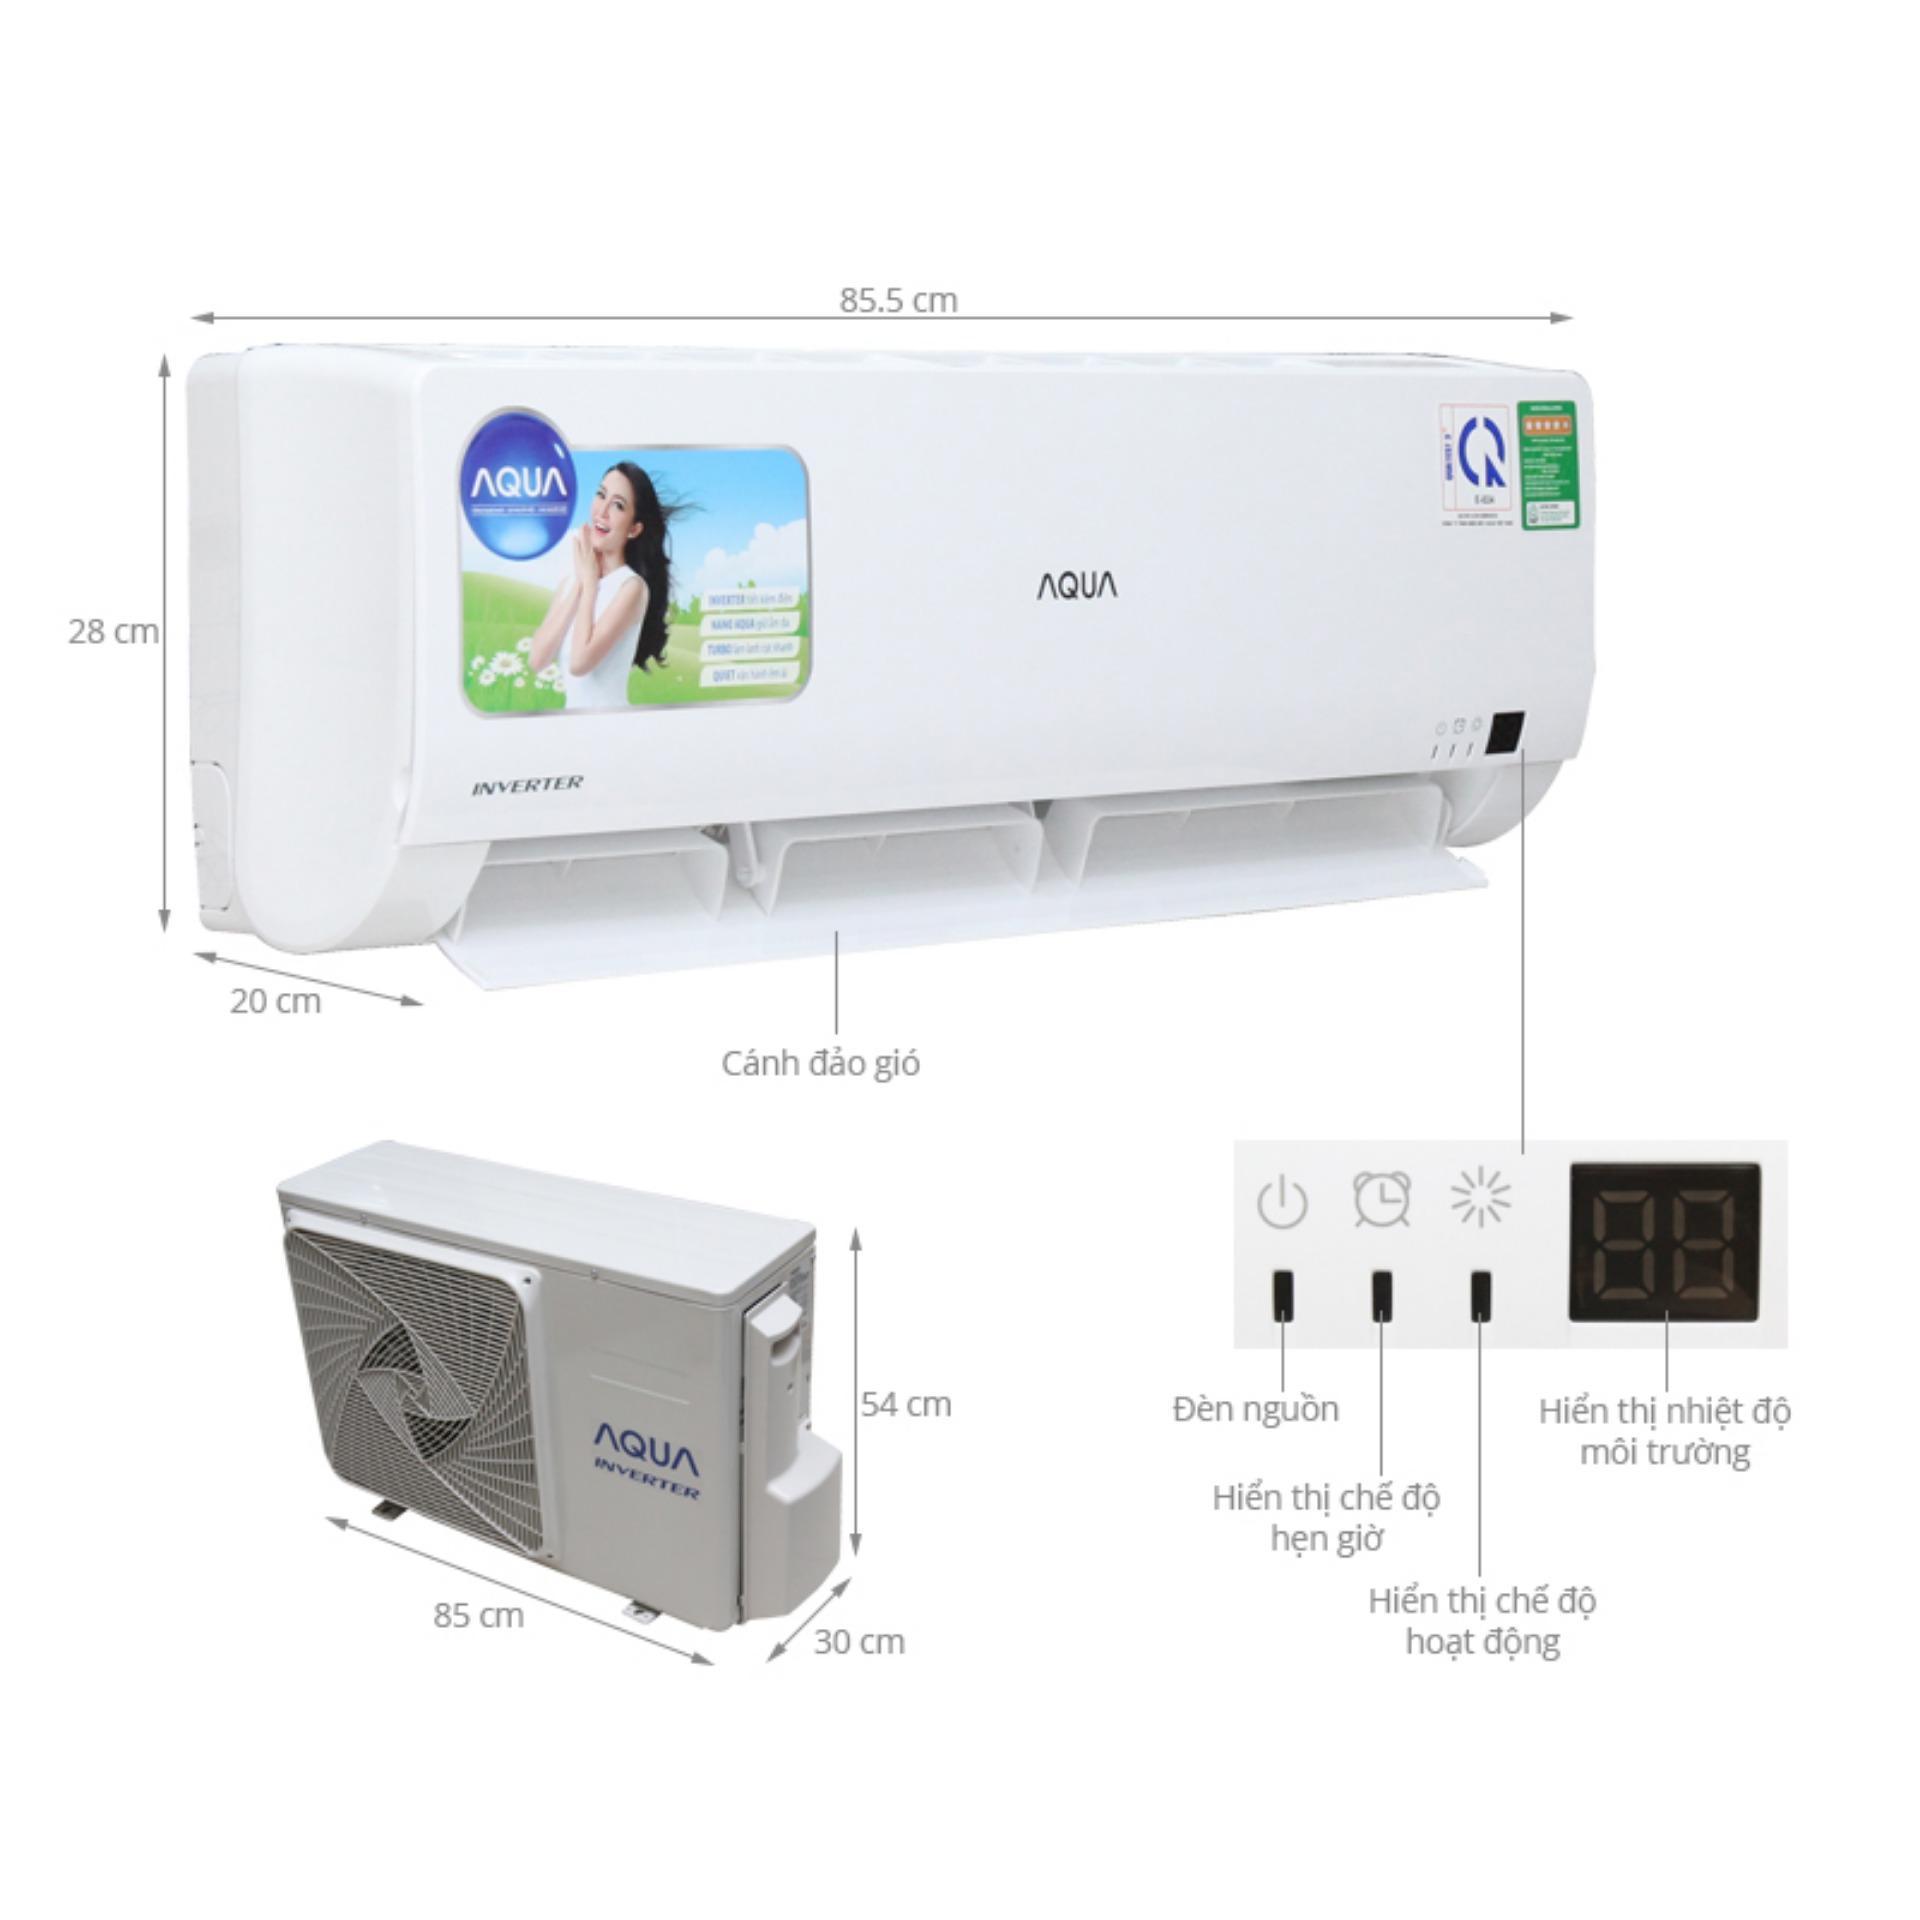 Hình ảnh Máy Lạnh Inverter 1.5hp Aqua AQA-KCRV12WGSA ( Cao Cấp)